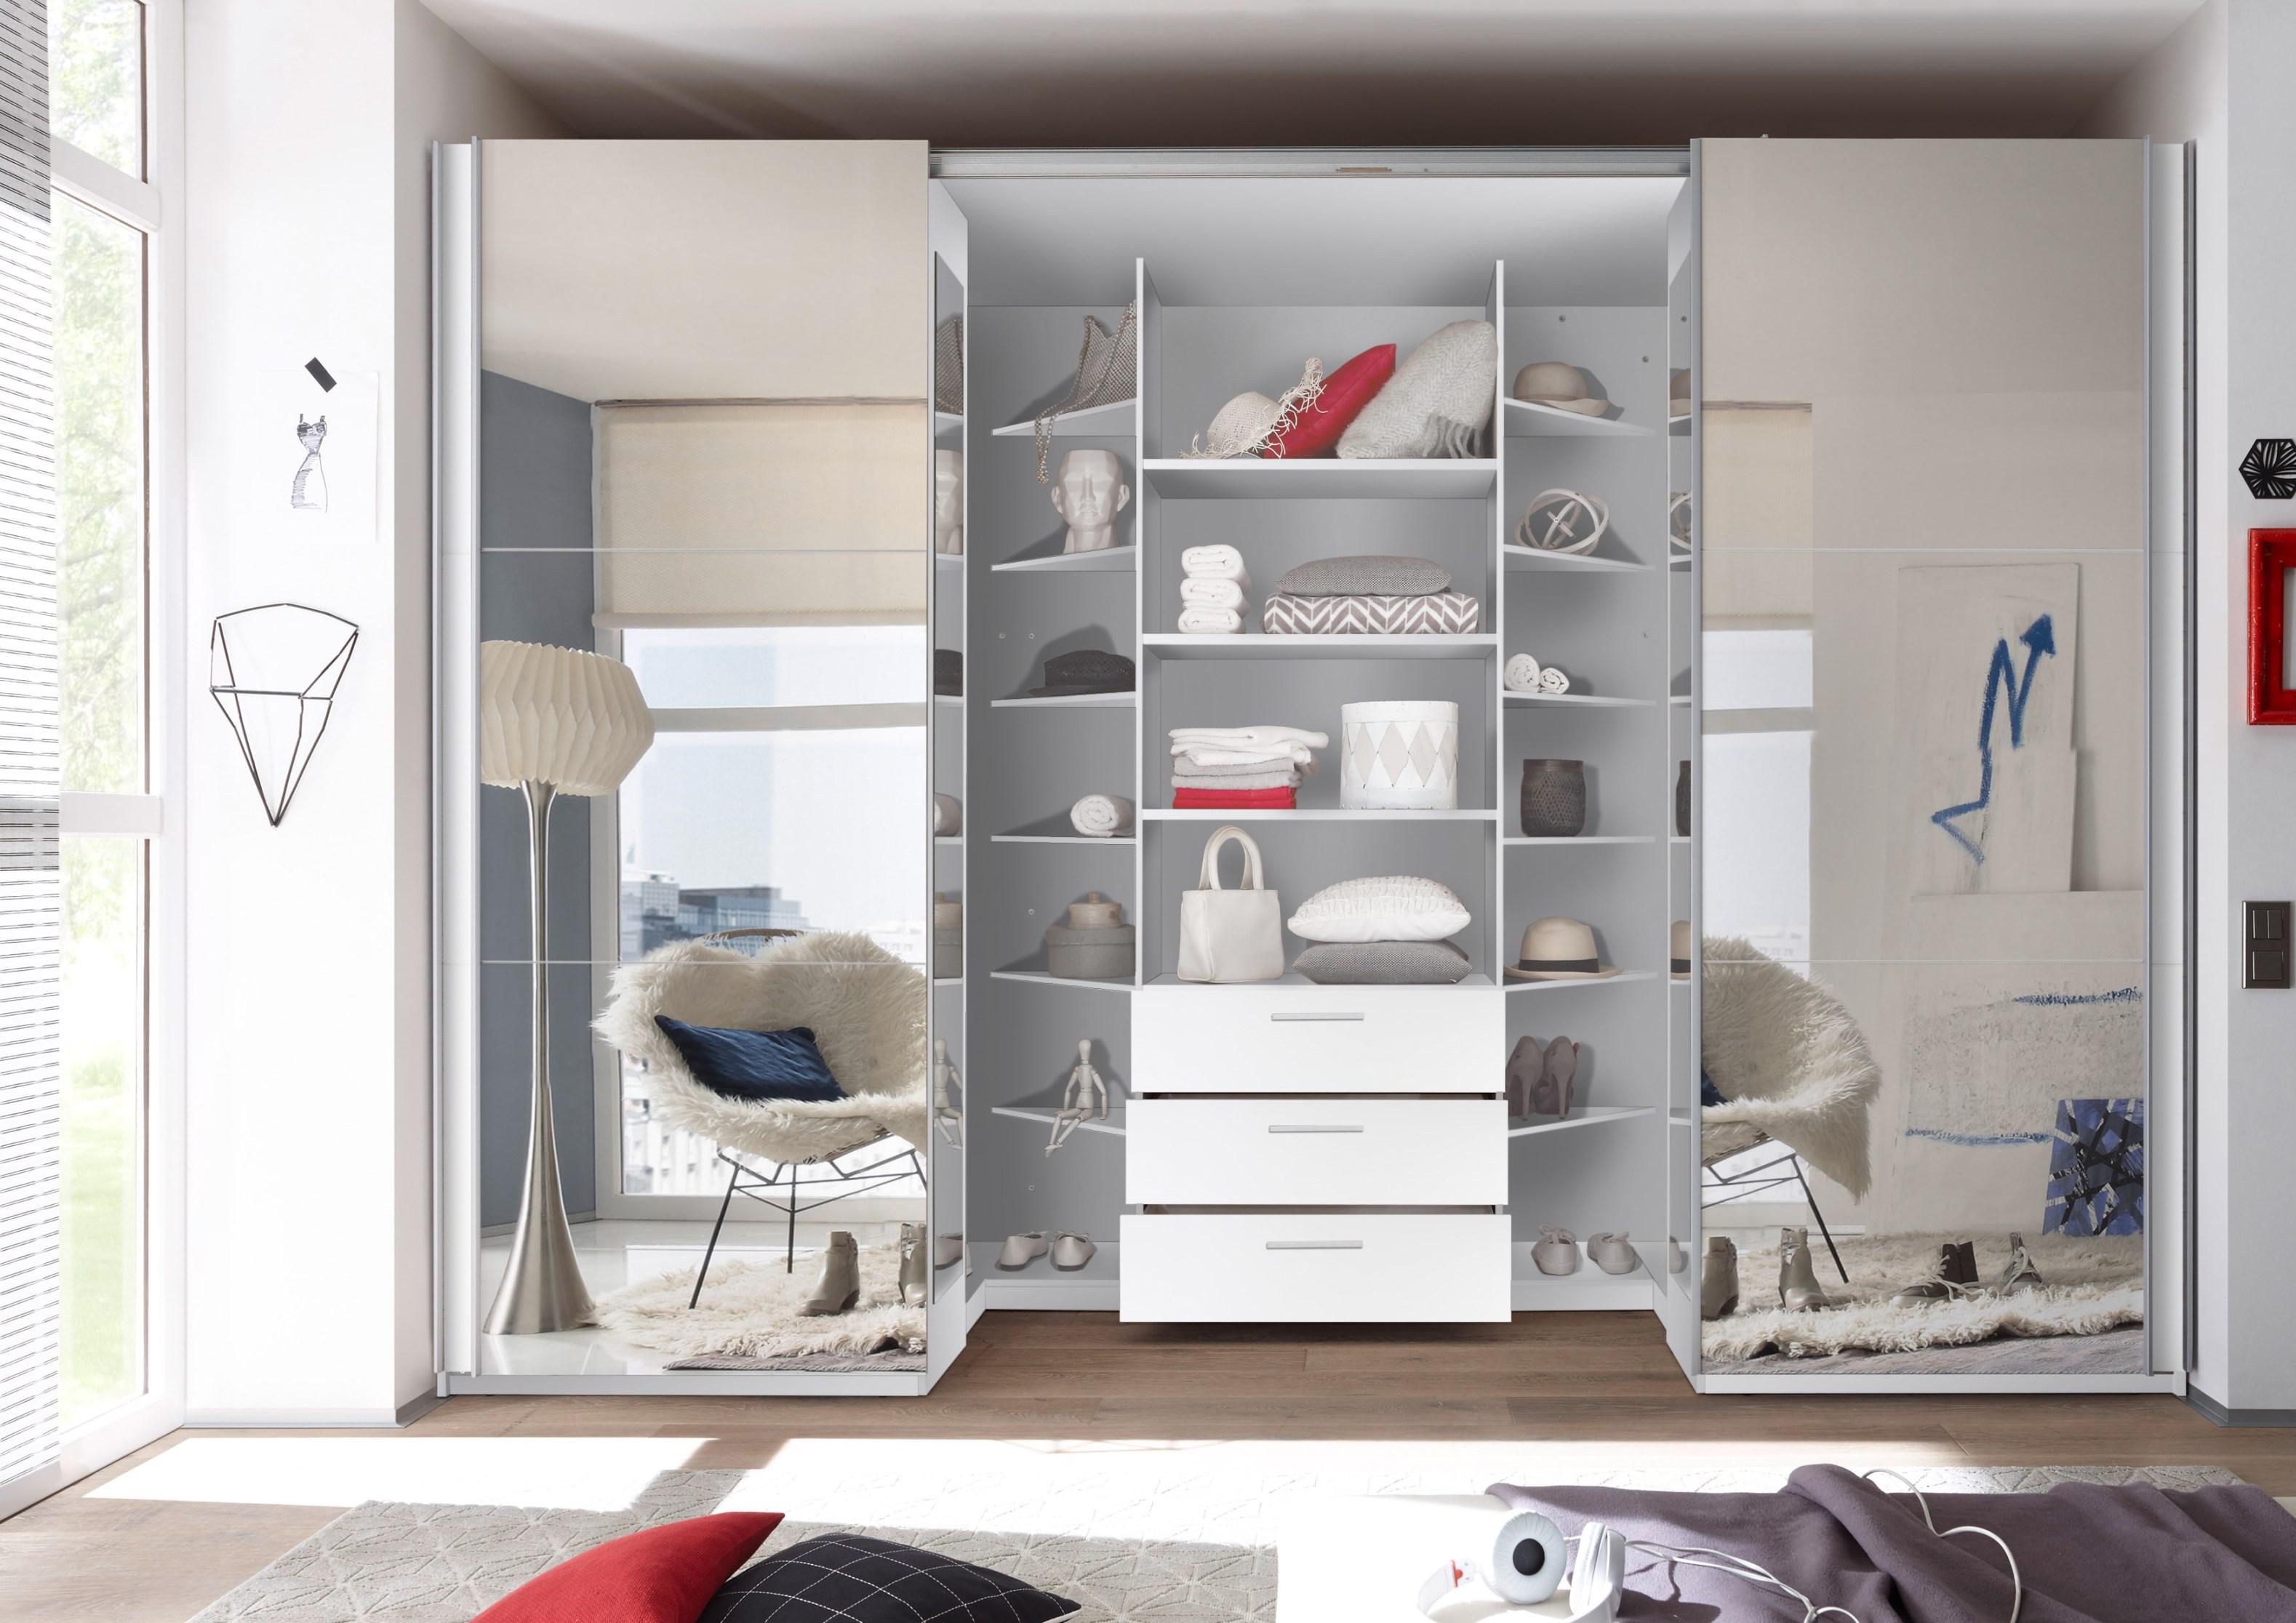 Details zu Begehbarer Kleiderschrank Schwebetürenschrank 315cm Weiß Spiegel  Dämpfung LED